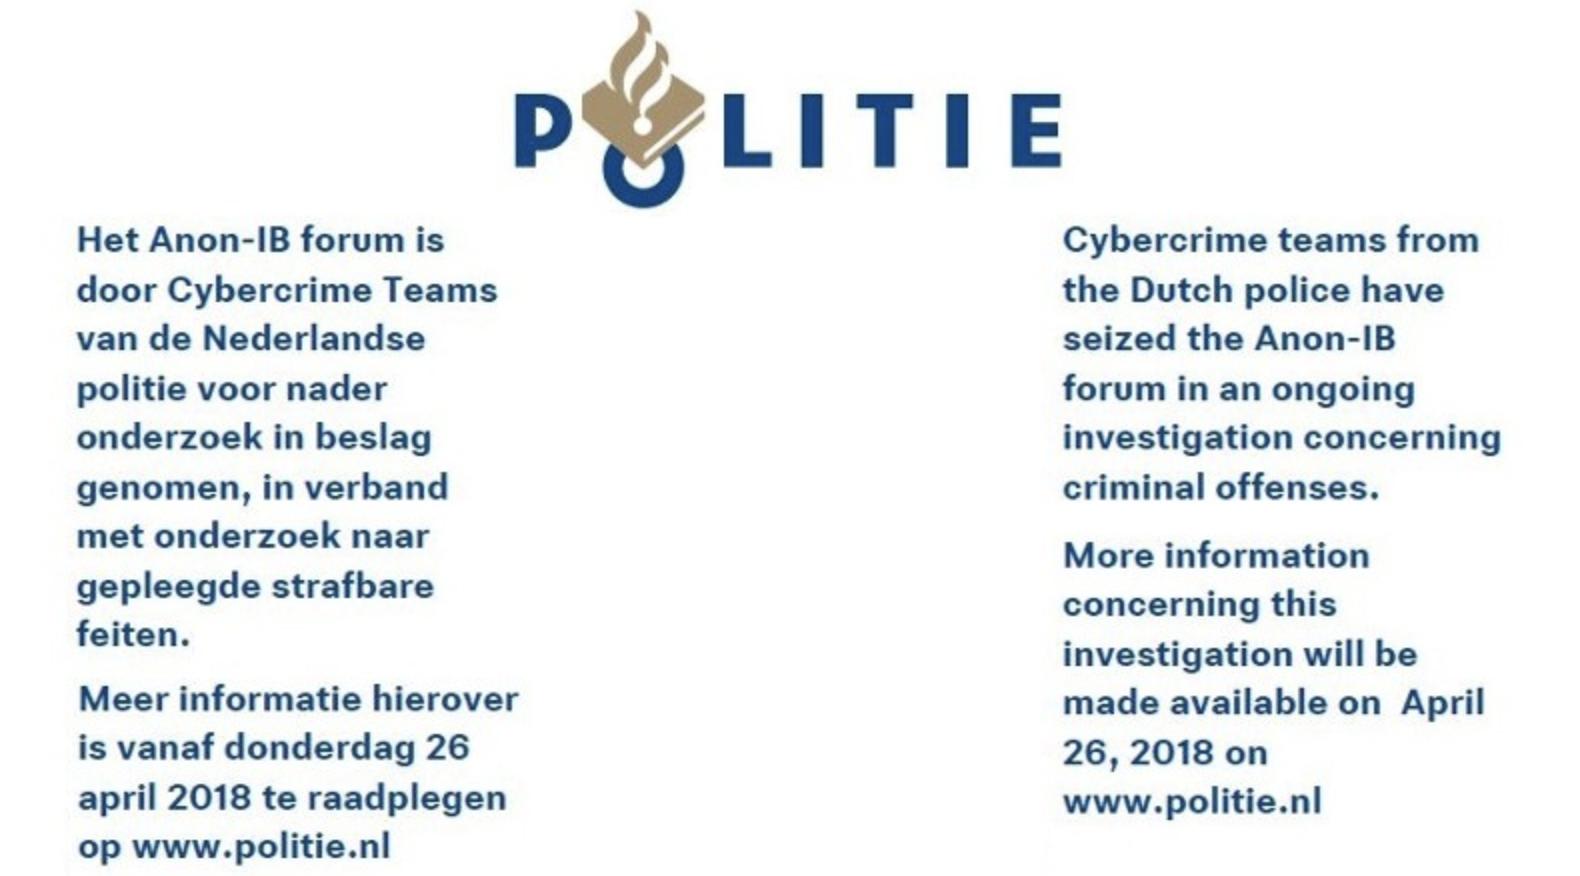 de nederlandse politie heeft de wraakpornosite anon-ib offline